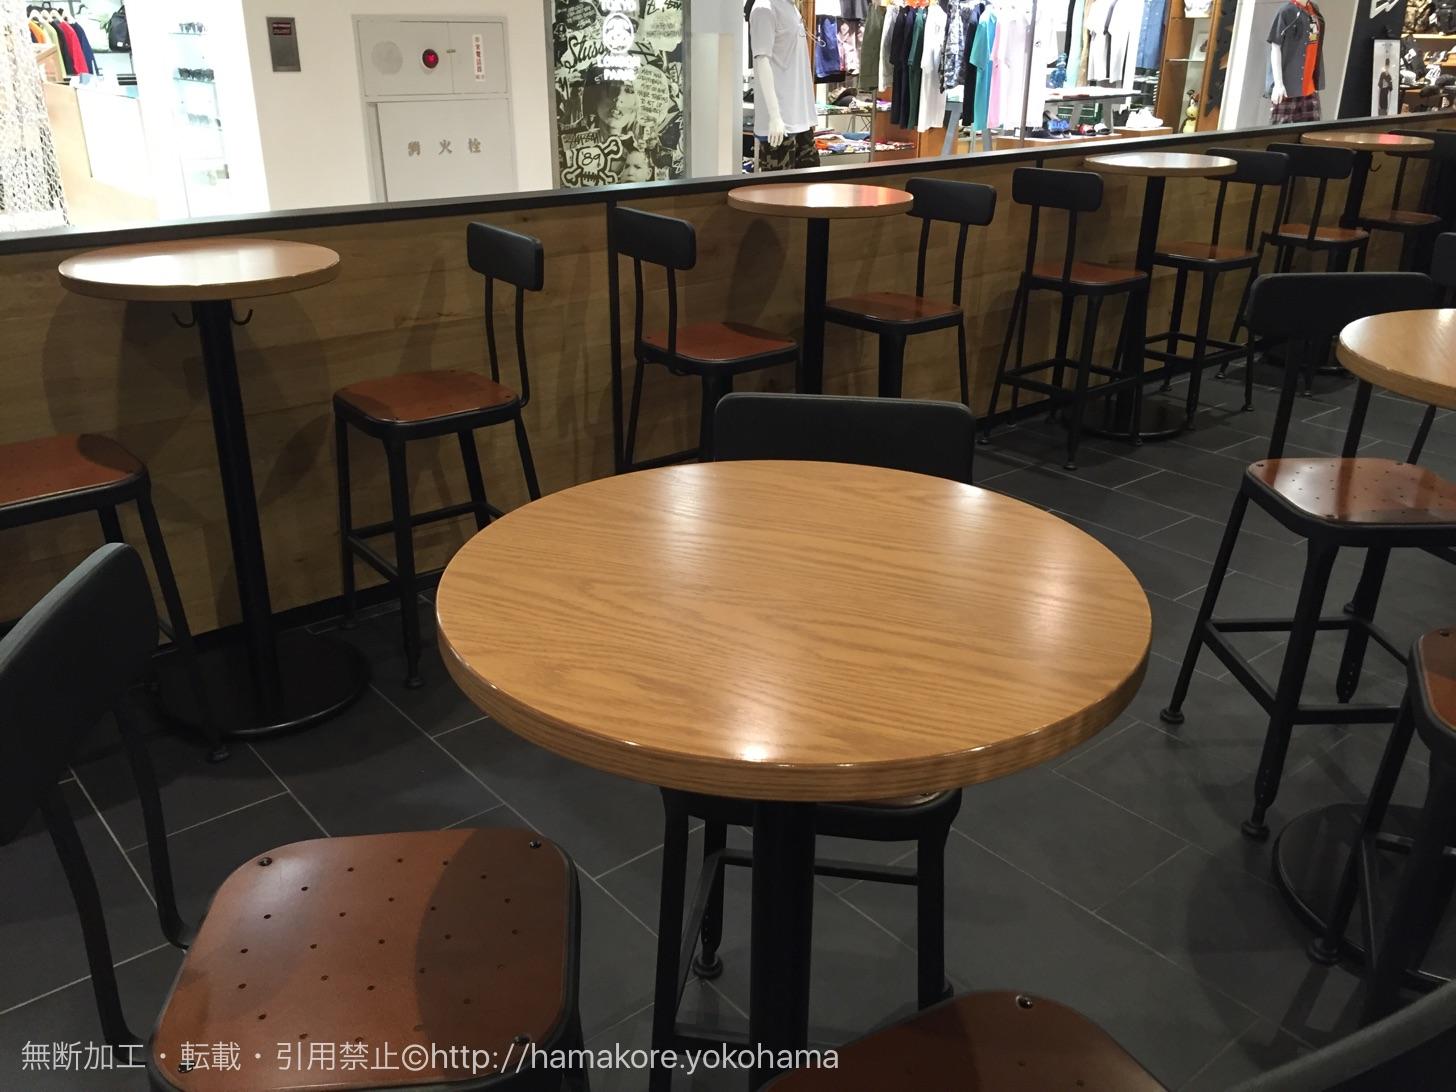 スターバックス 横浜ビブレ店 店内の様子